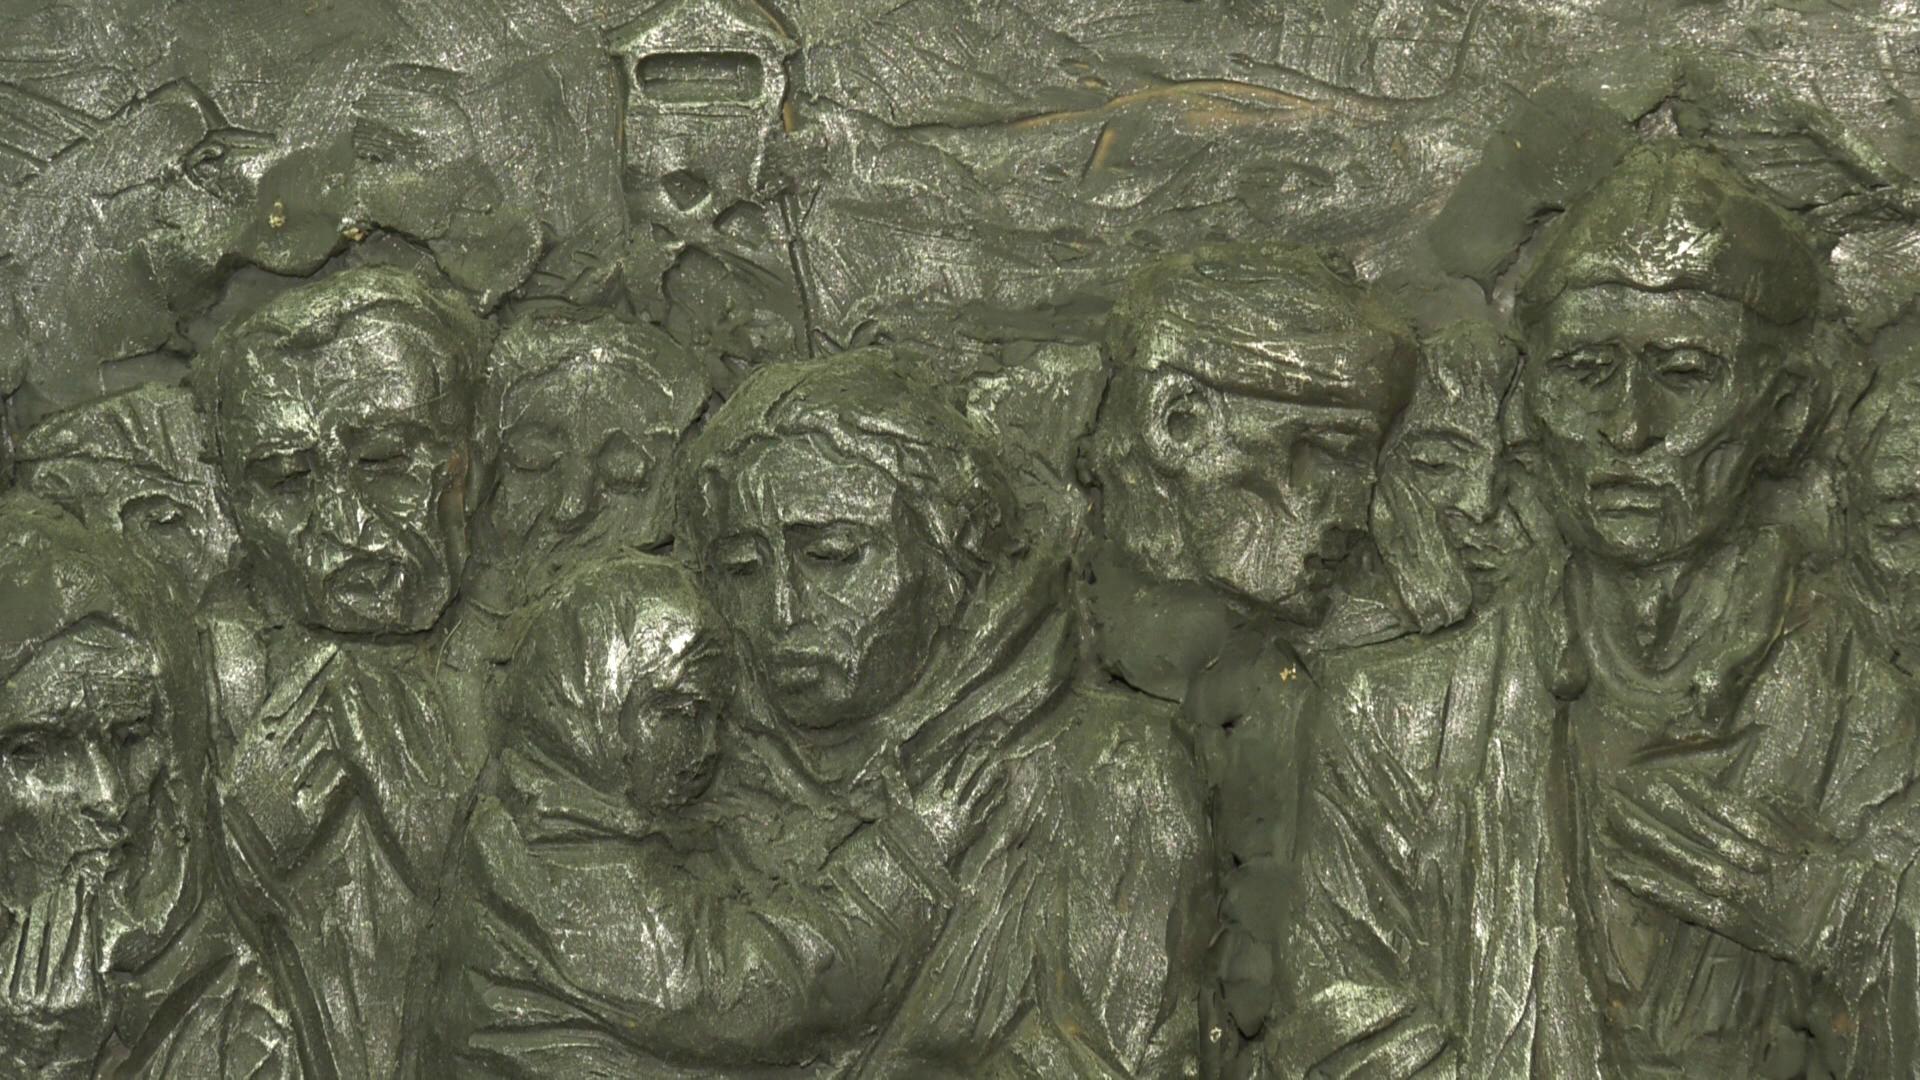 znak - Памятный знак жертвам фашизма установят у мемориала «5-й полк» в Витебске (видео)